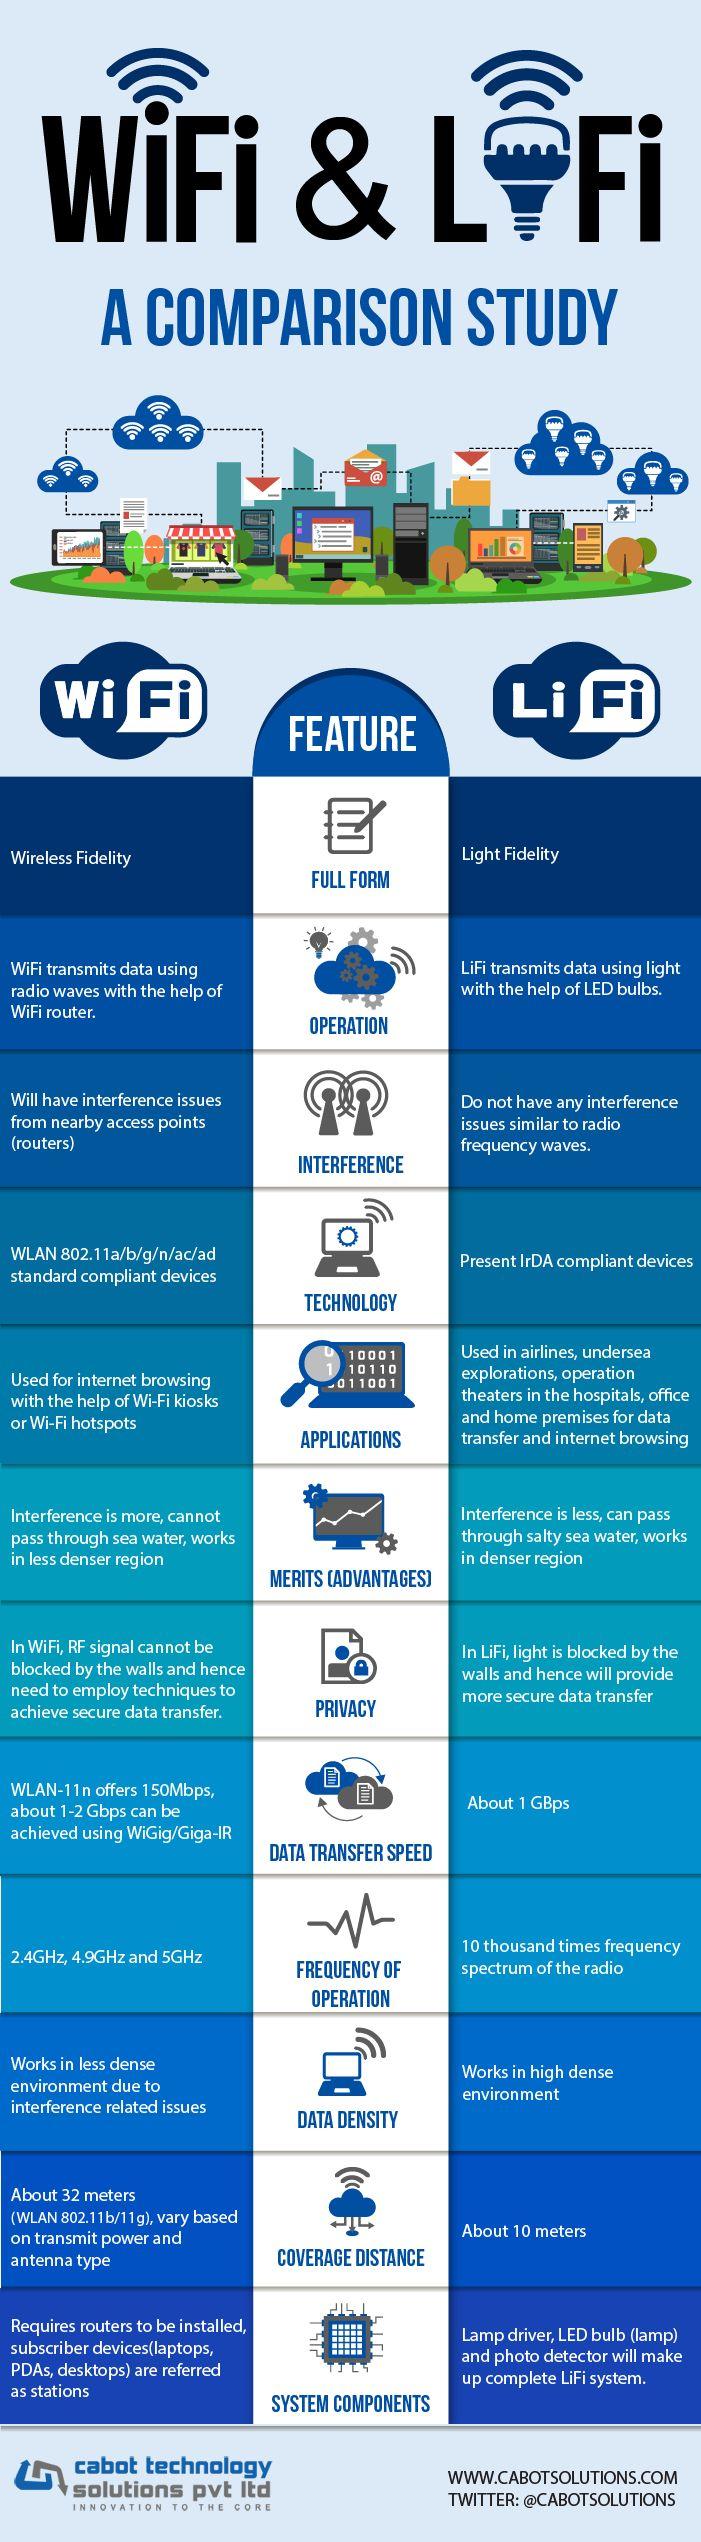 WiFi and LiFi. Ejemplo de aprendizaje basado en estudio de casos. Comparamos diferencias entre tecnologías similares.